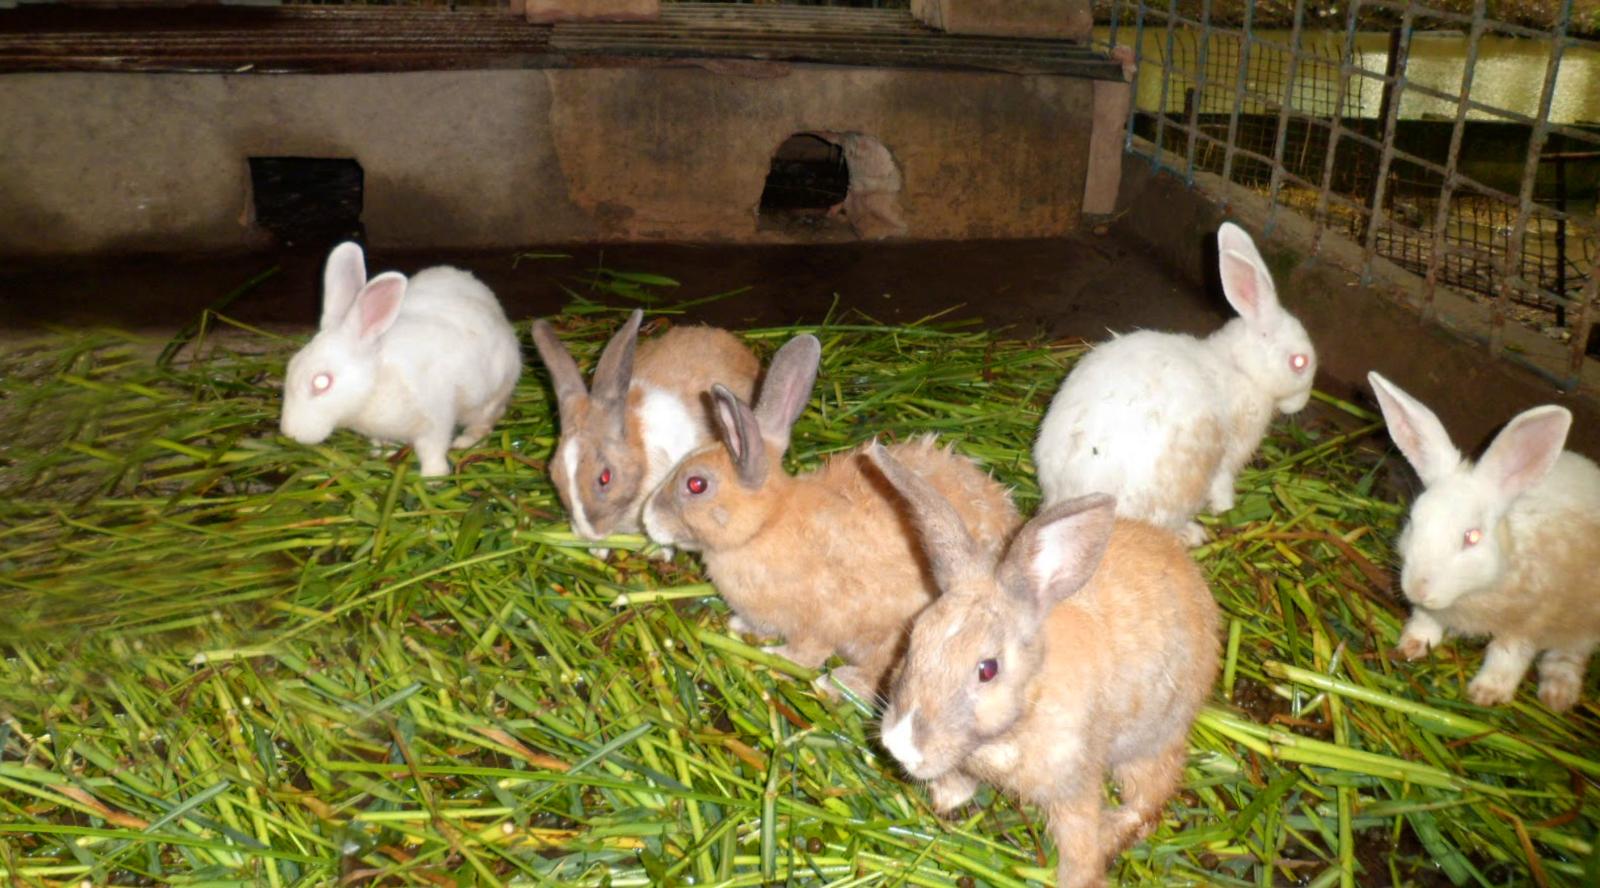 Budidaya Kelinci Menggunakan Pakan Limbah Industri Pertanian Sebagai Salah Satu Alternatif Pemberdayaan Petani Miskin